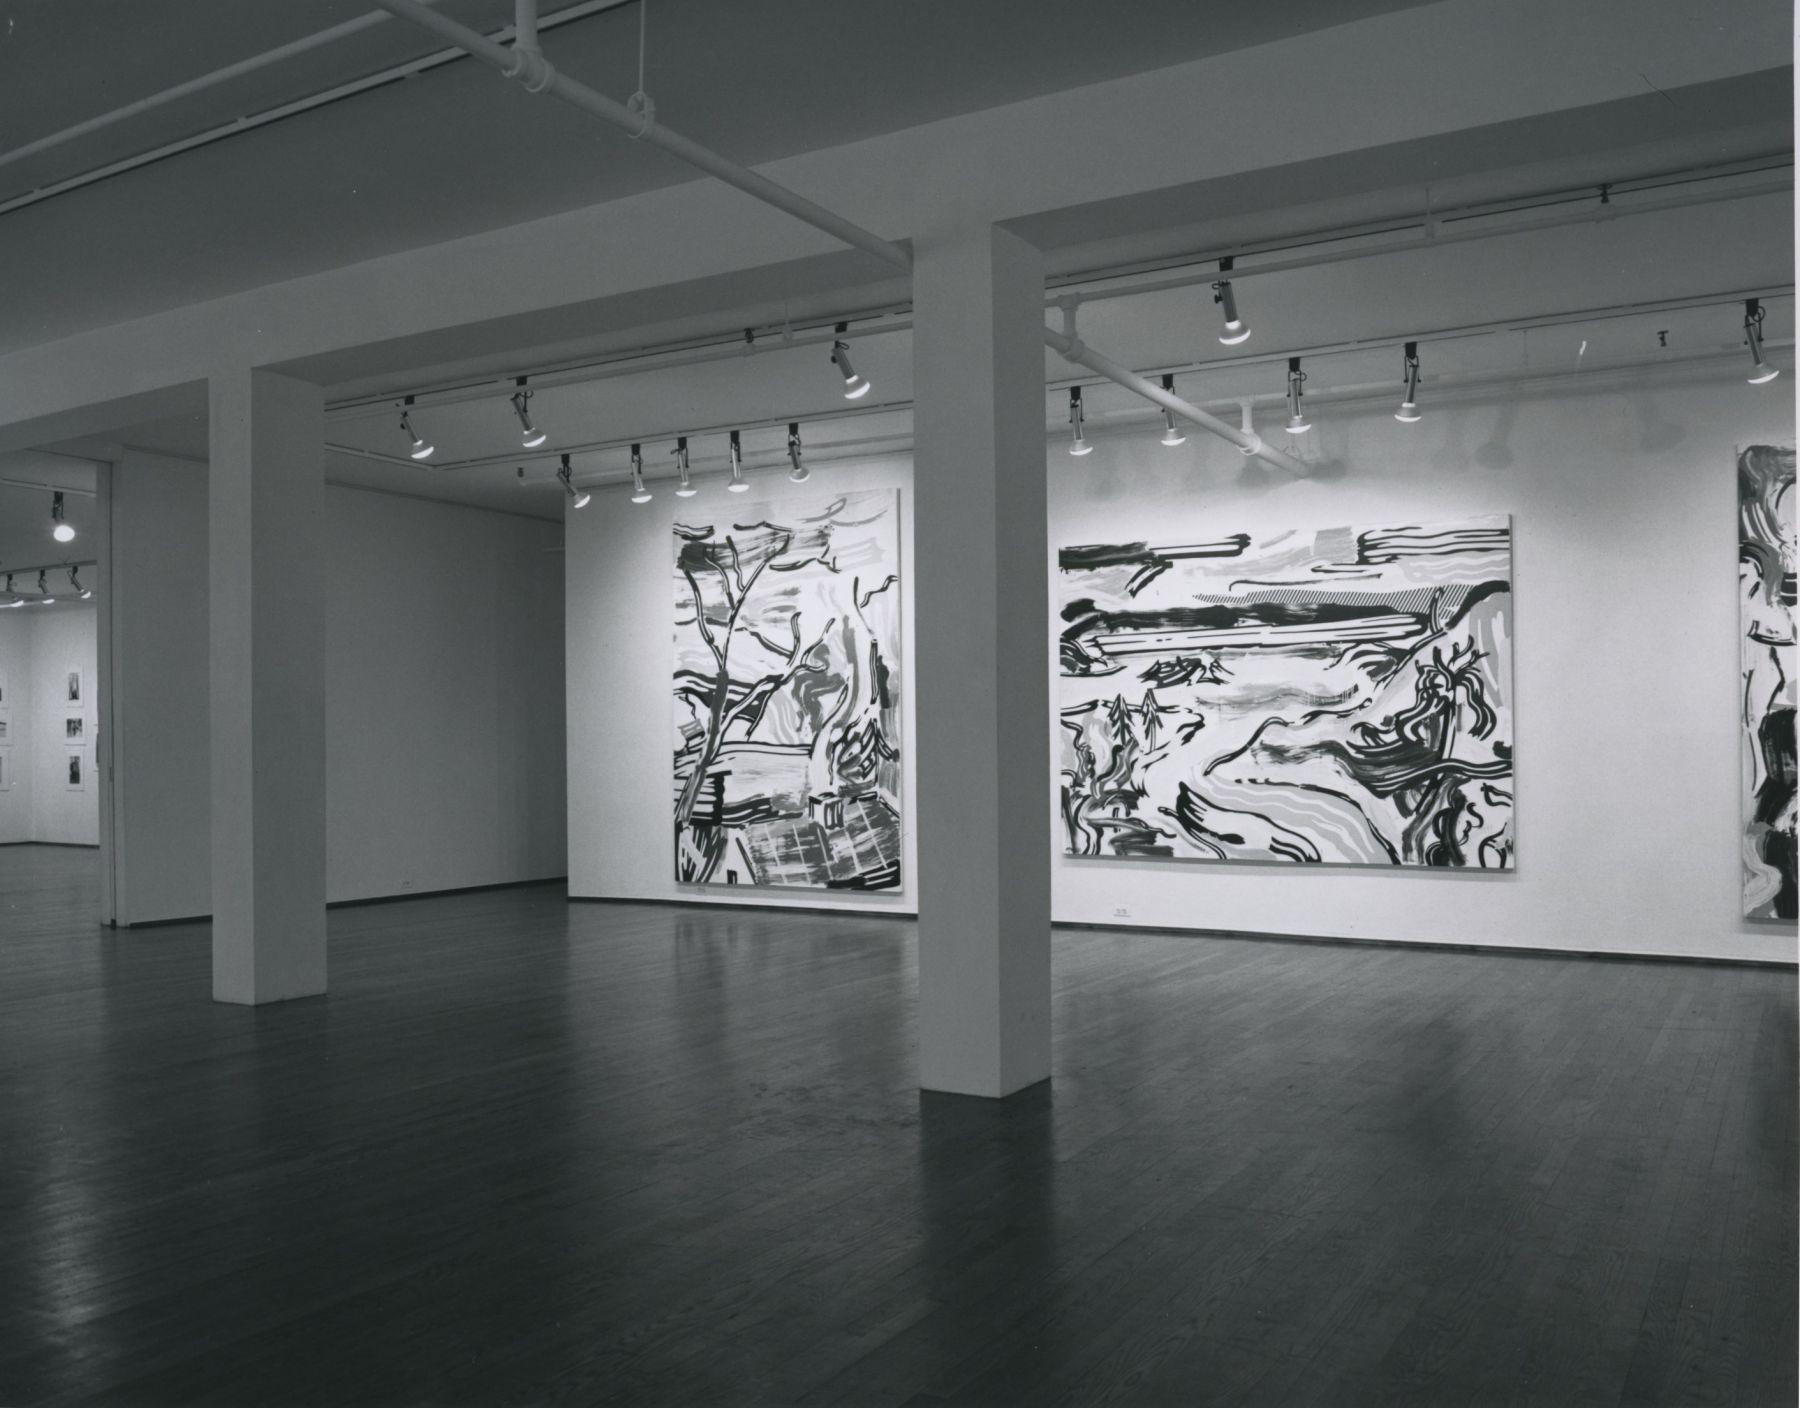 Installation view, Roy Lichtenstein, 420 WEST BROADWAY